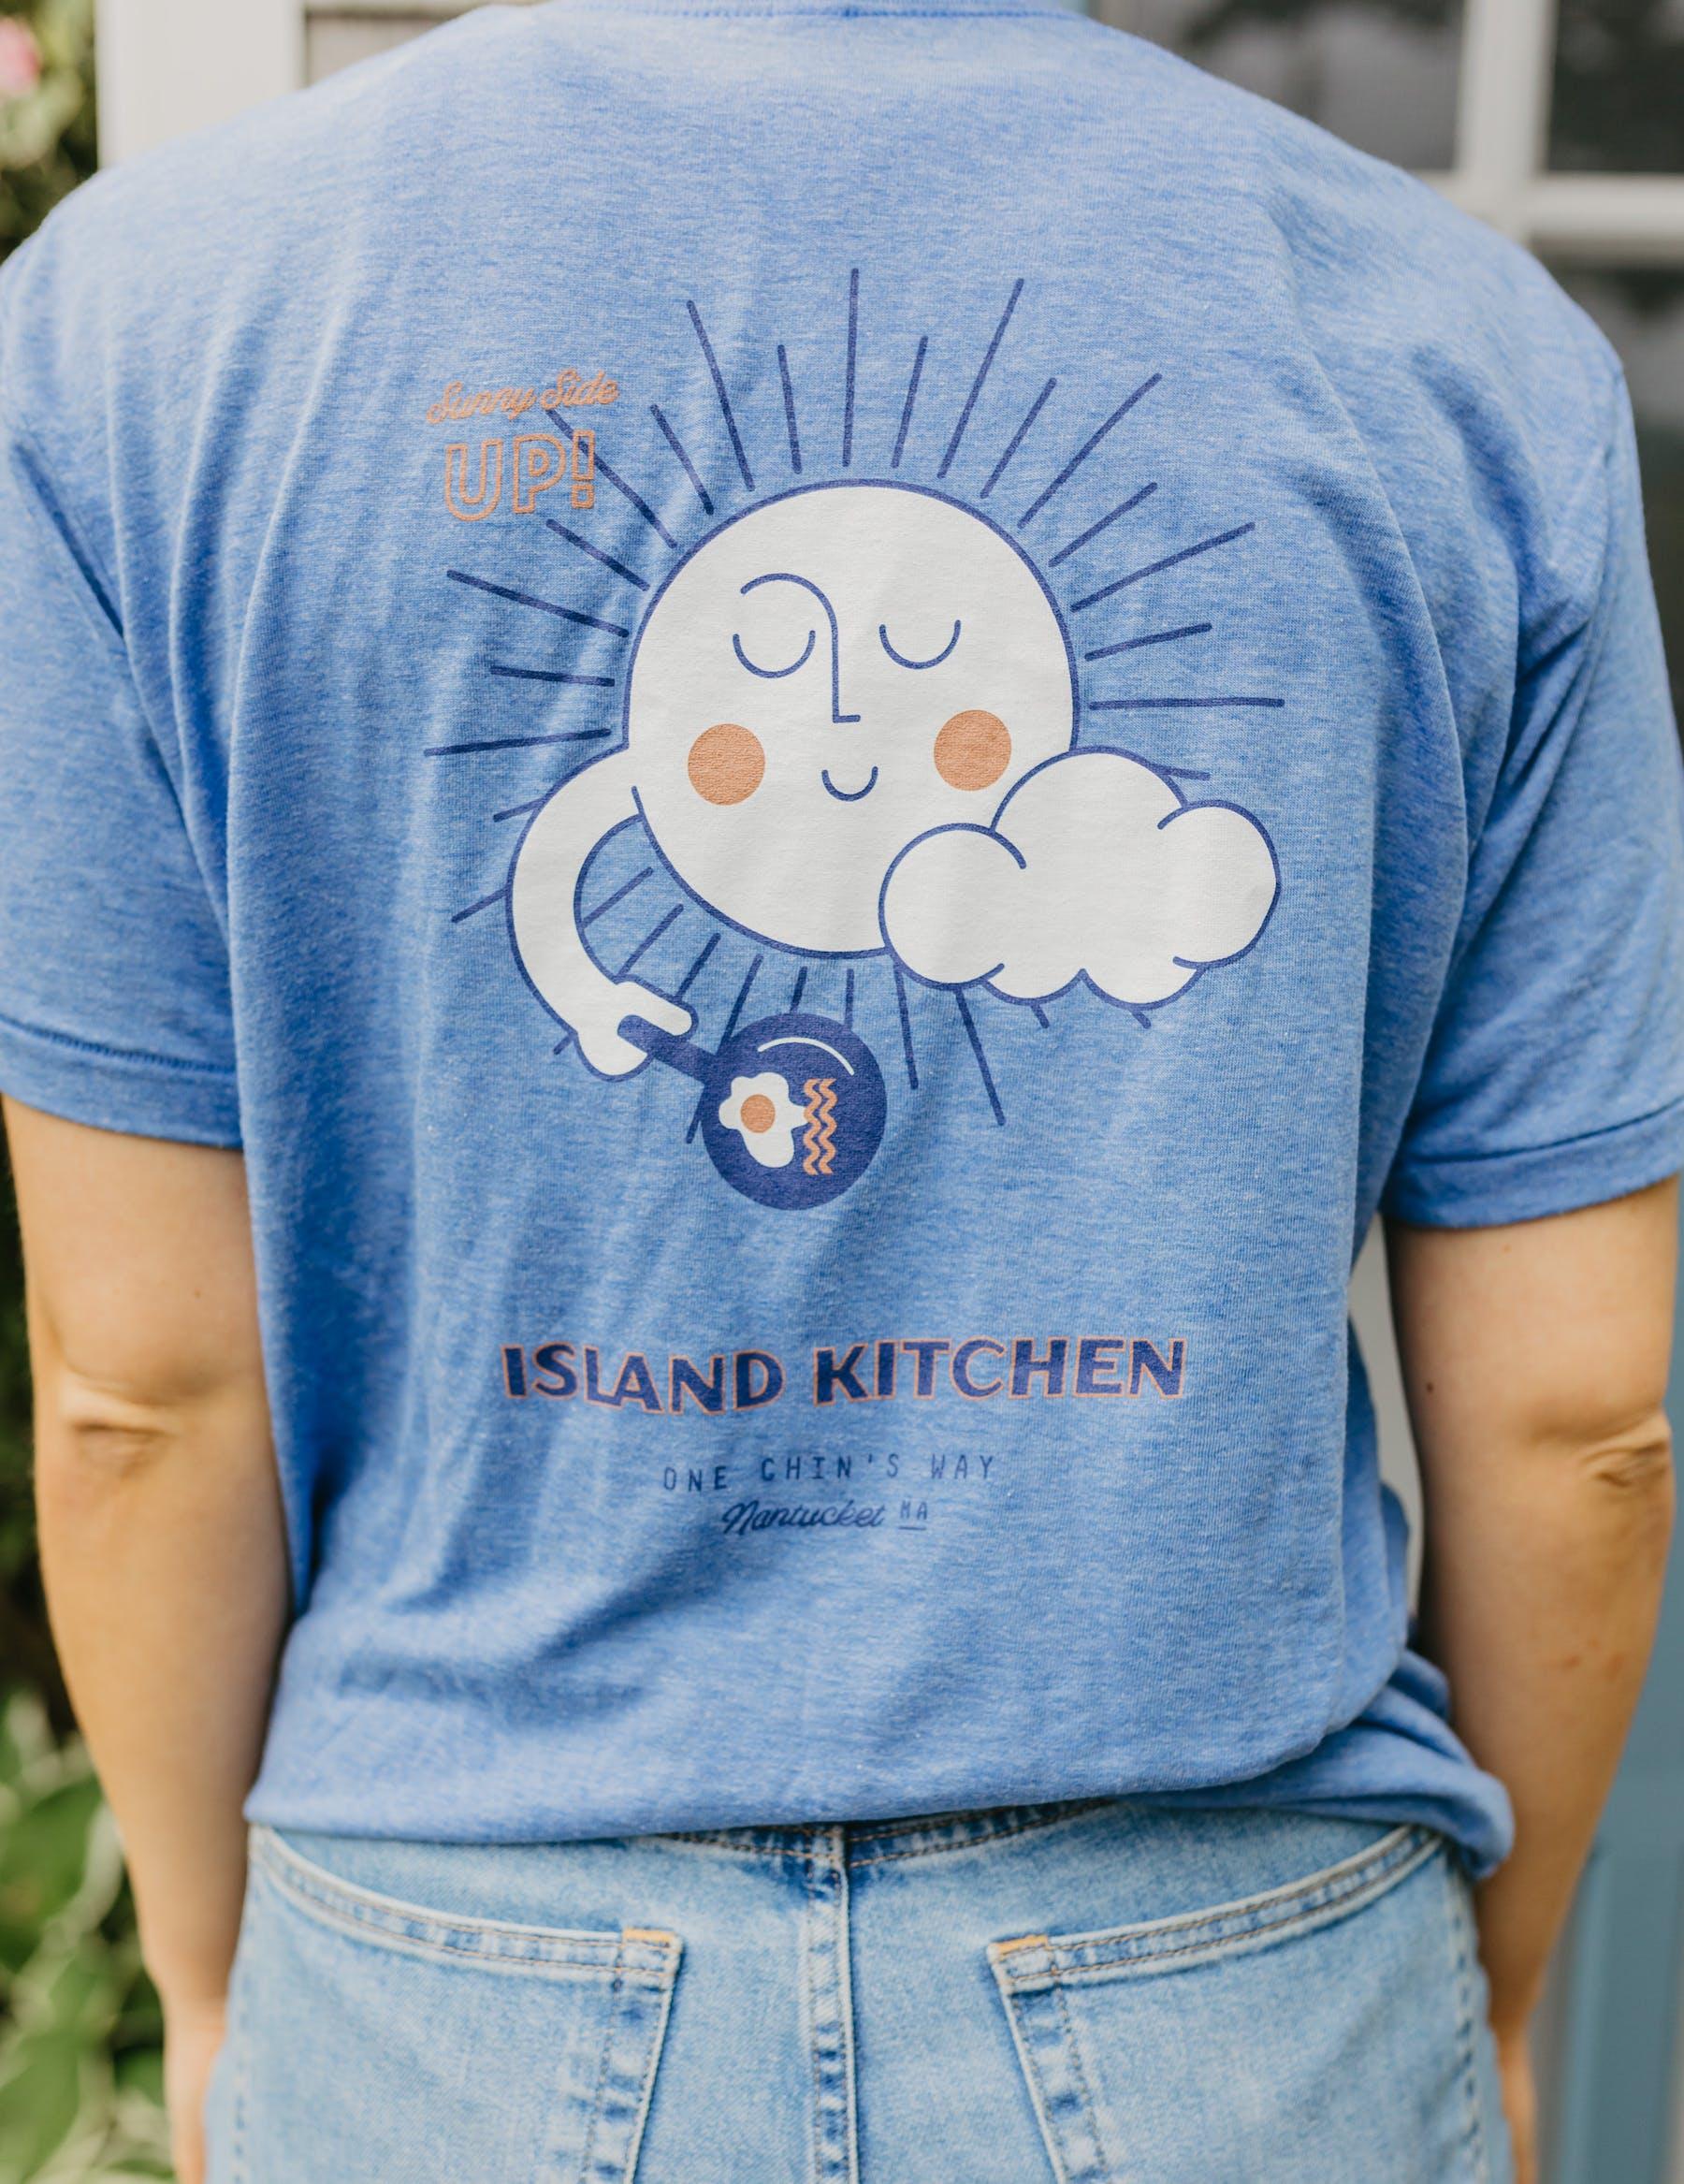 a man wearing a blue shirt